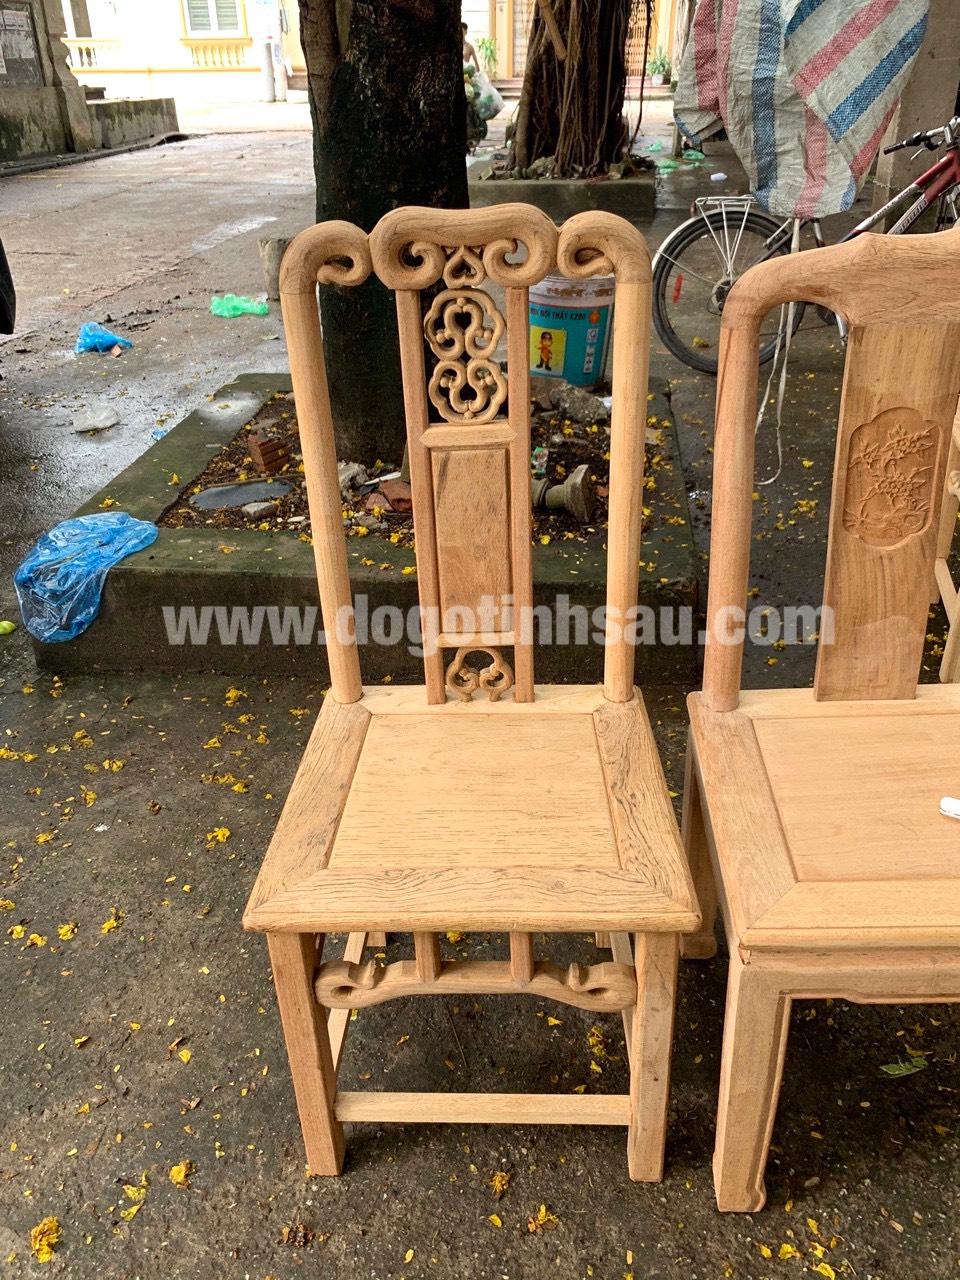 mau ghe an go go do 8 - 5 Lý do để mẫu bàn ghế ăn gỗ gõ đỏ ngày càng được ưa chuộng trên thị trường